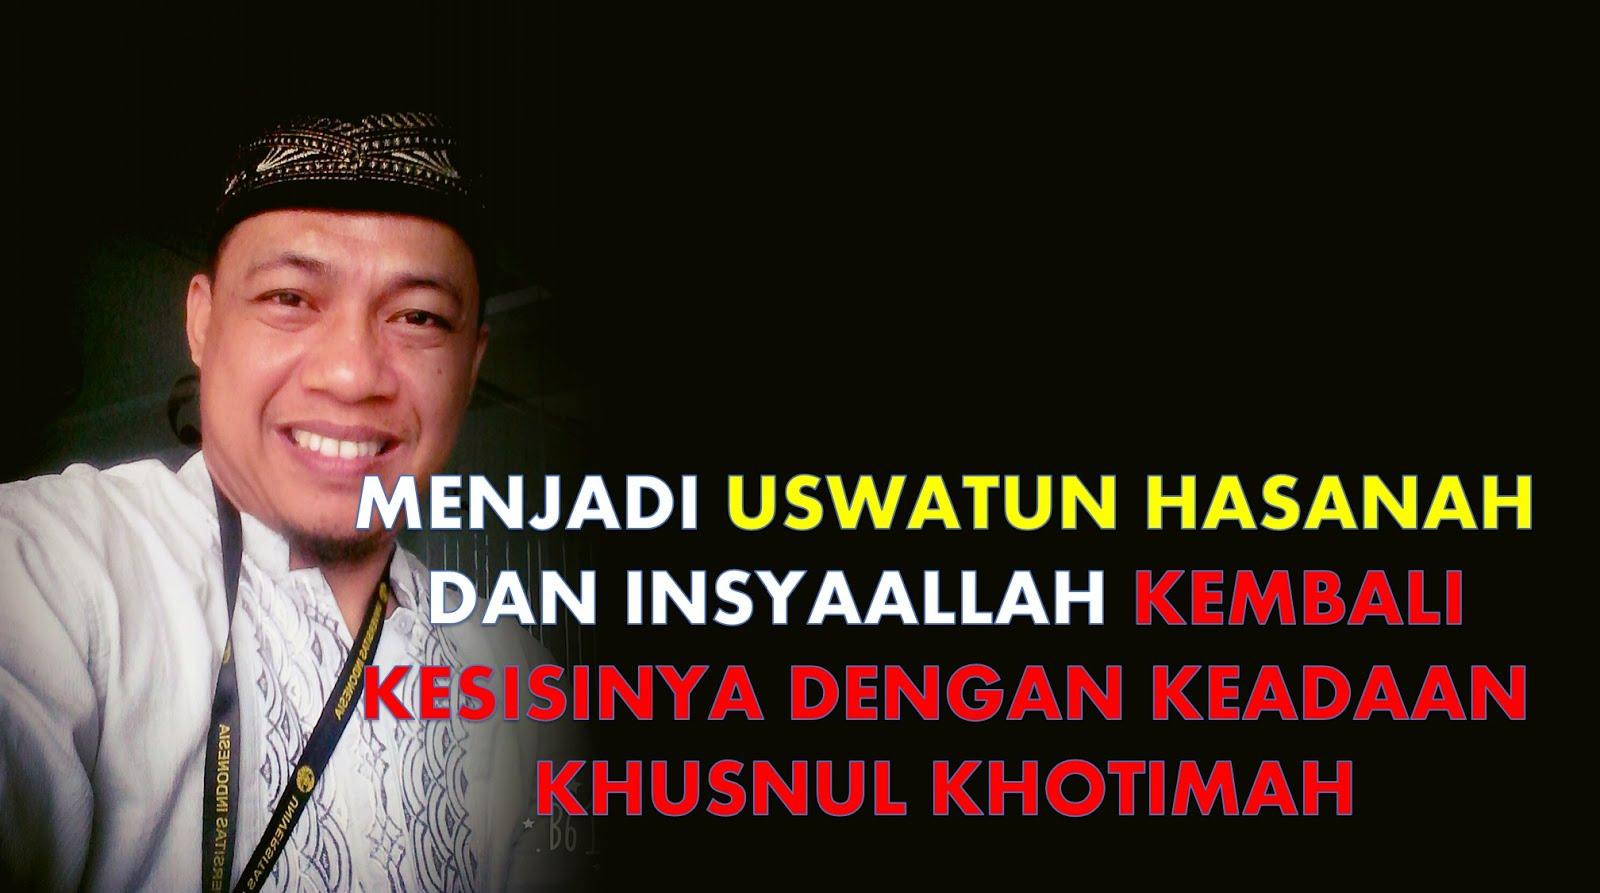 USWATUN HASANAH